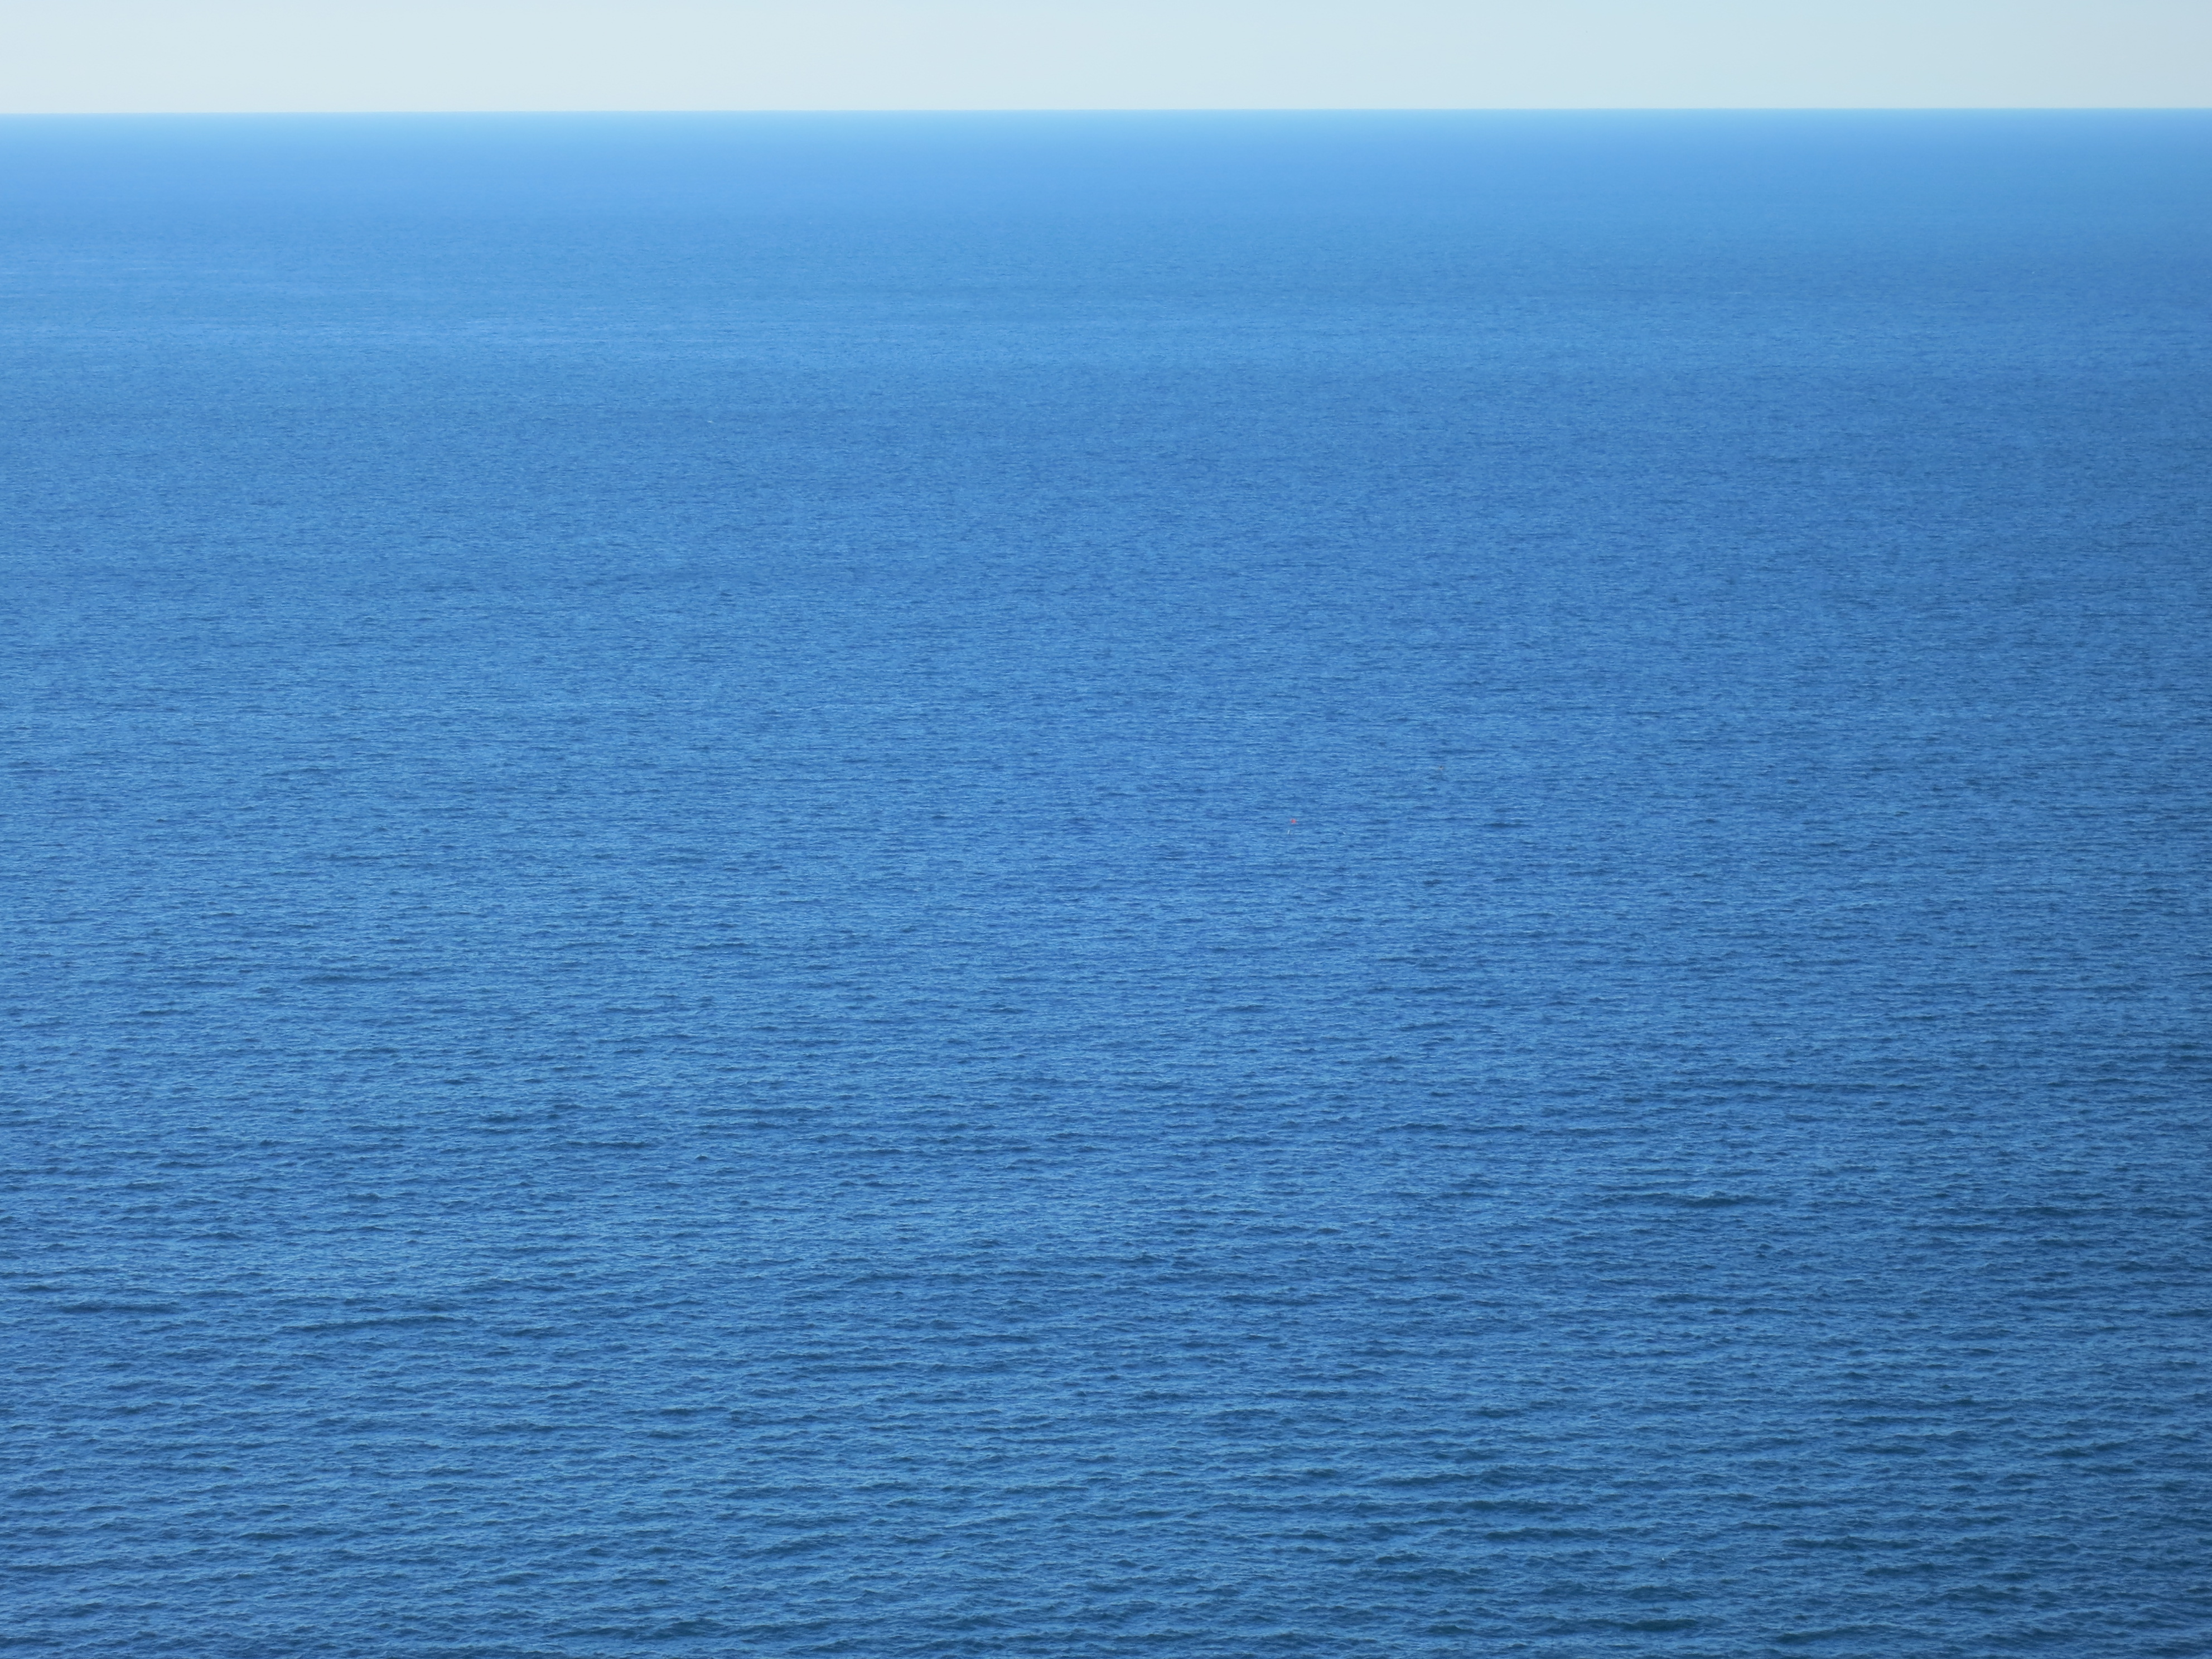 Sea blues | mybeautfulthings